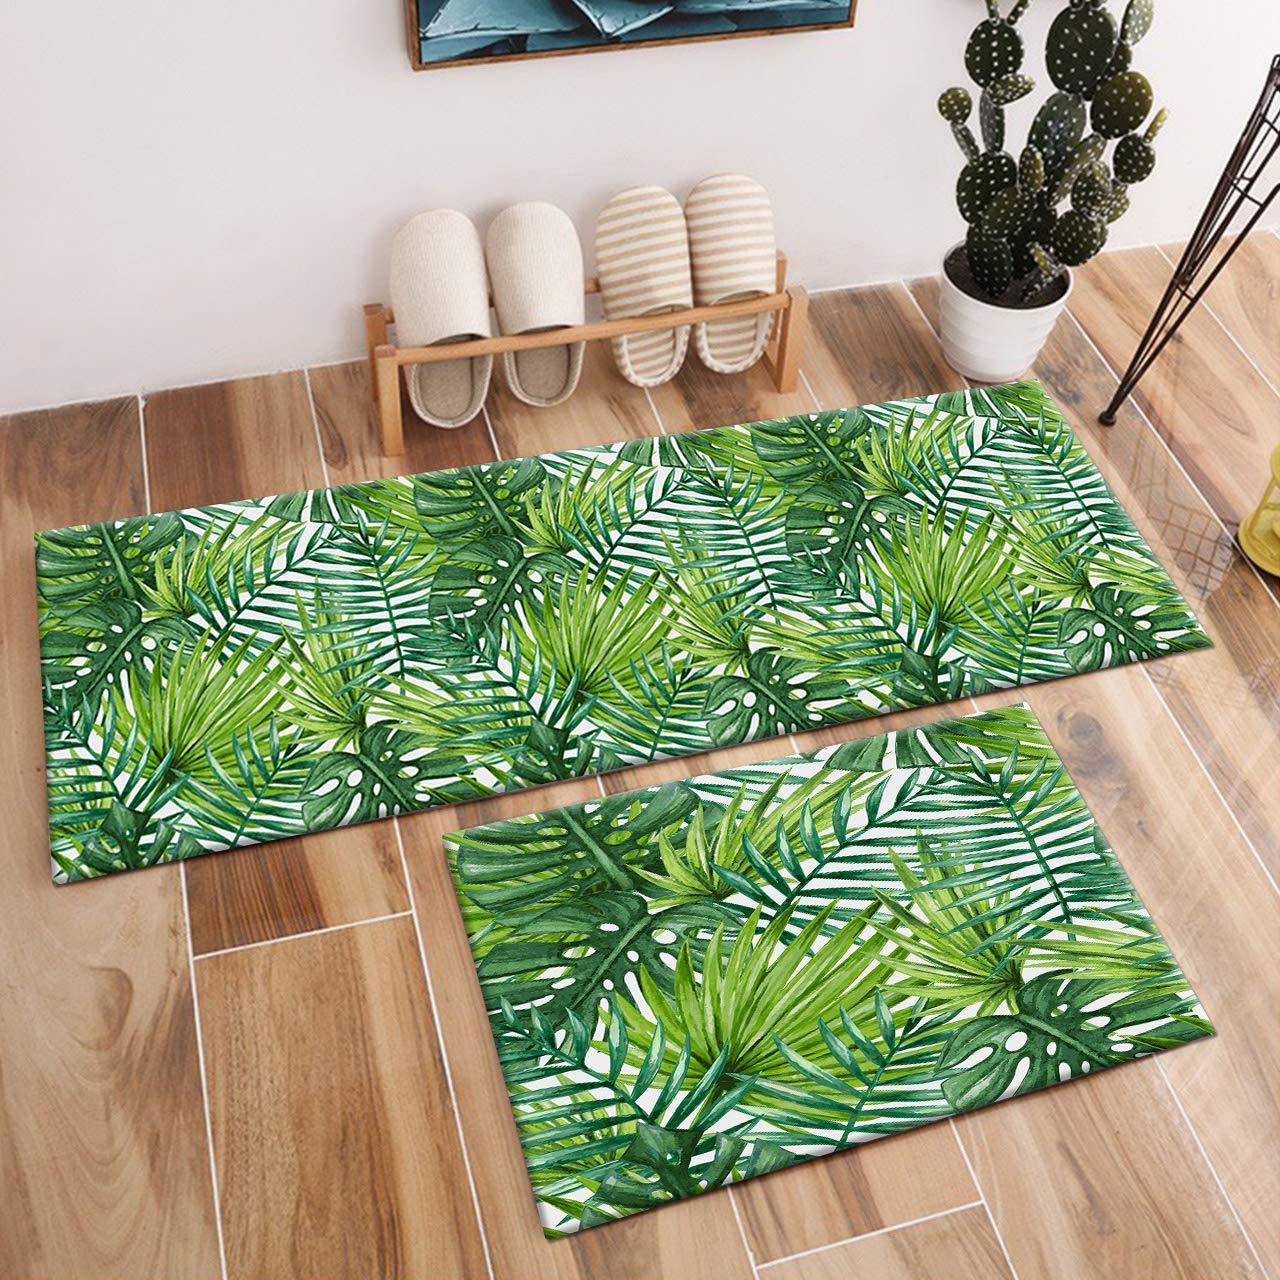 Succulent Cactus Plant Kitchen Bathroom Area Rugs Floor Non-Slip Mat Carpets 017